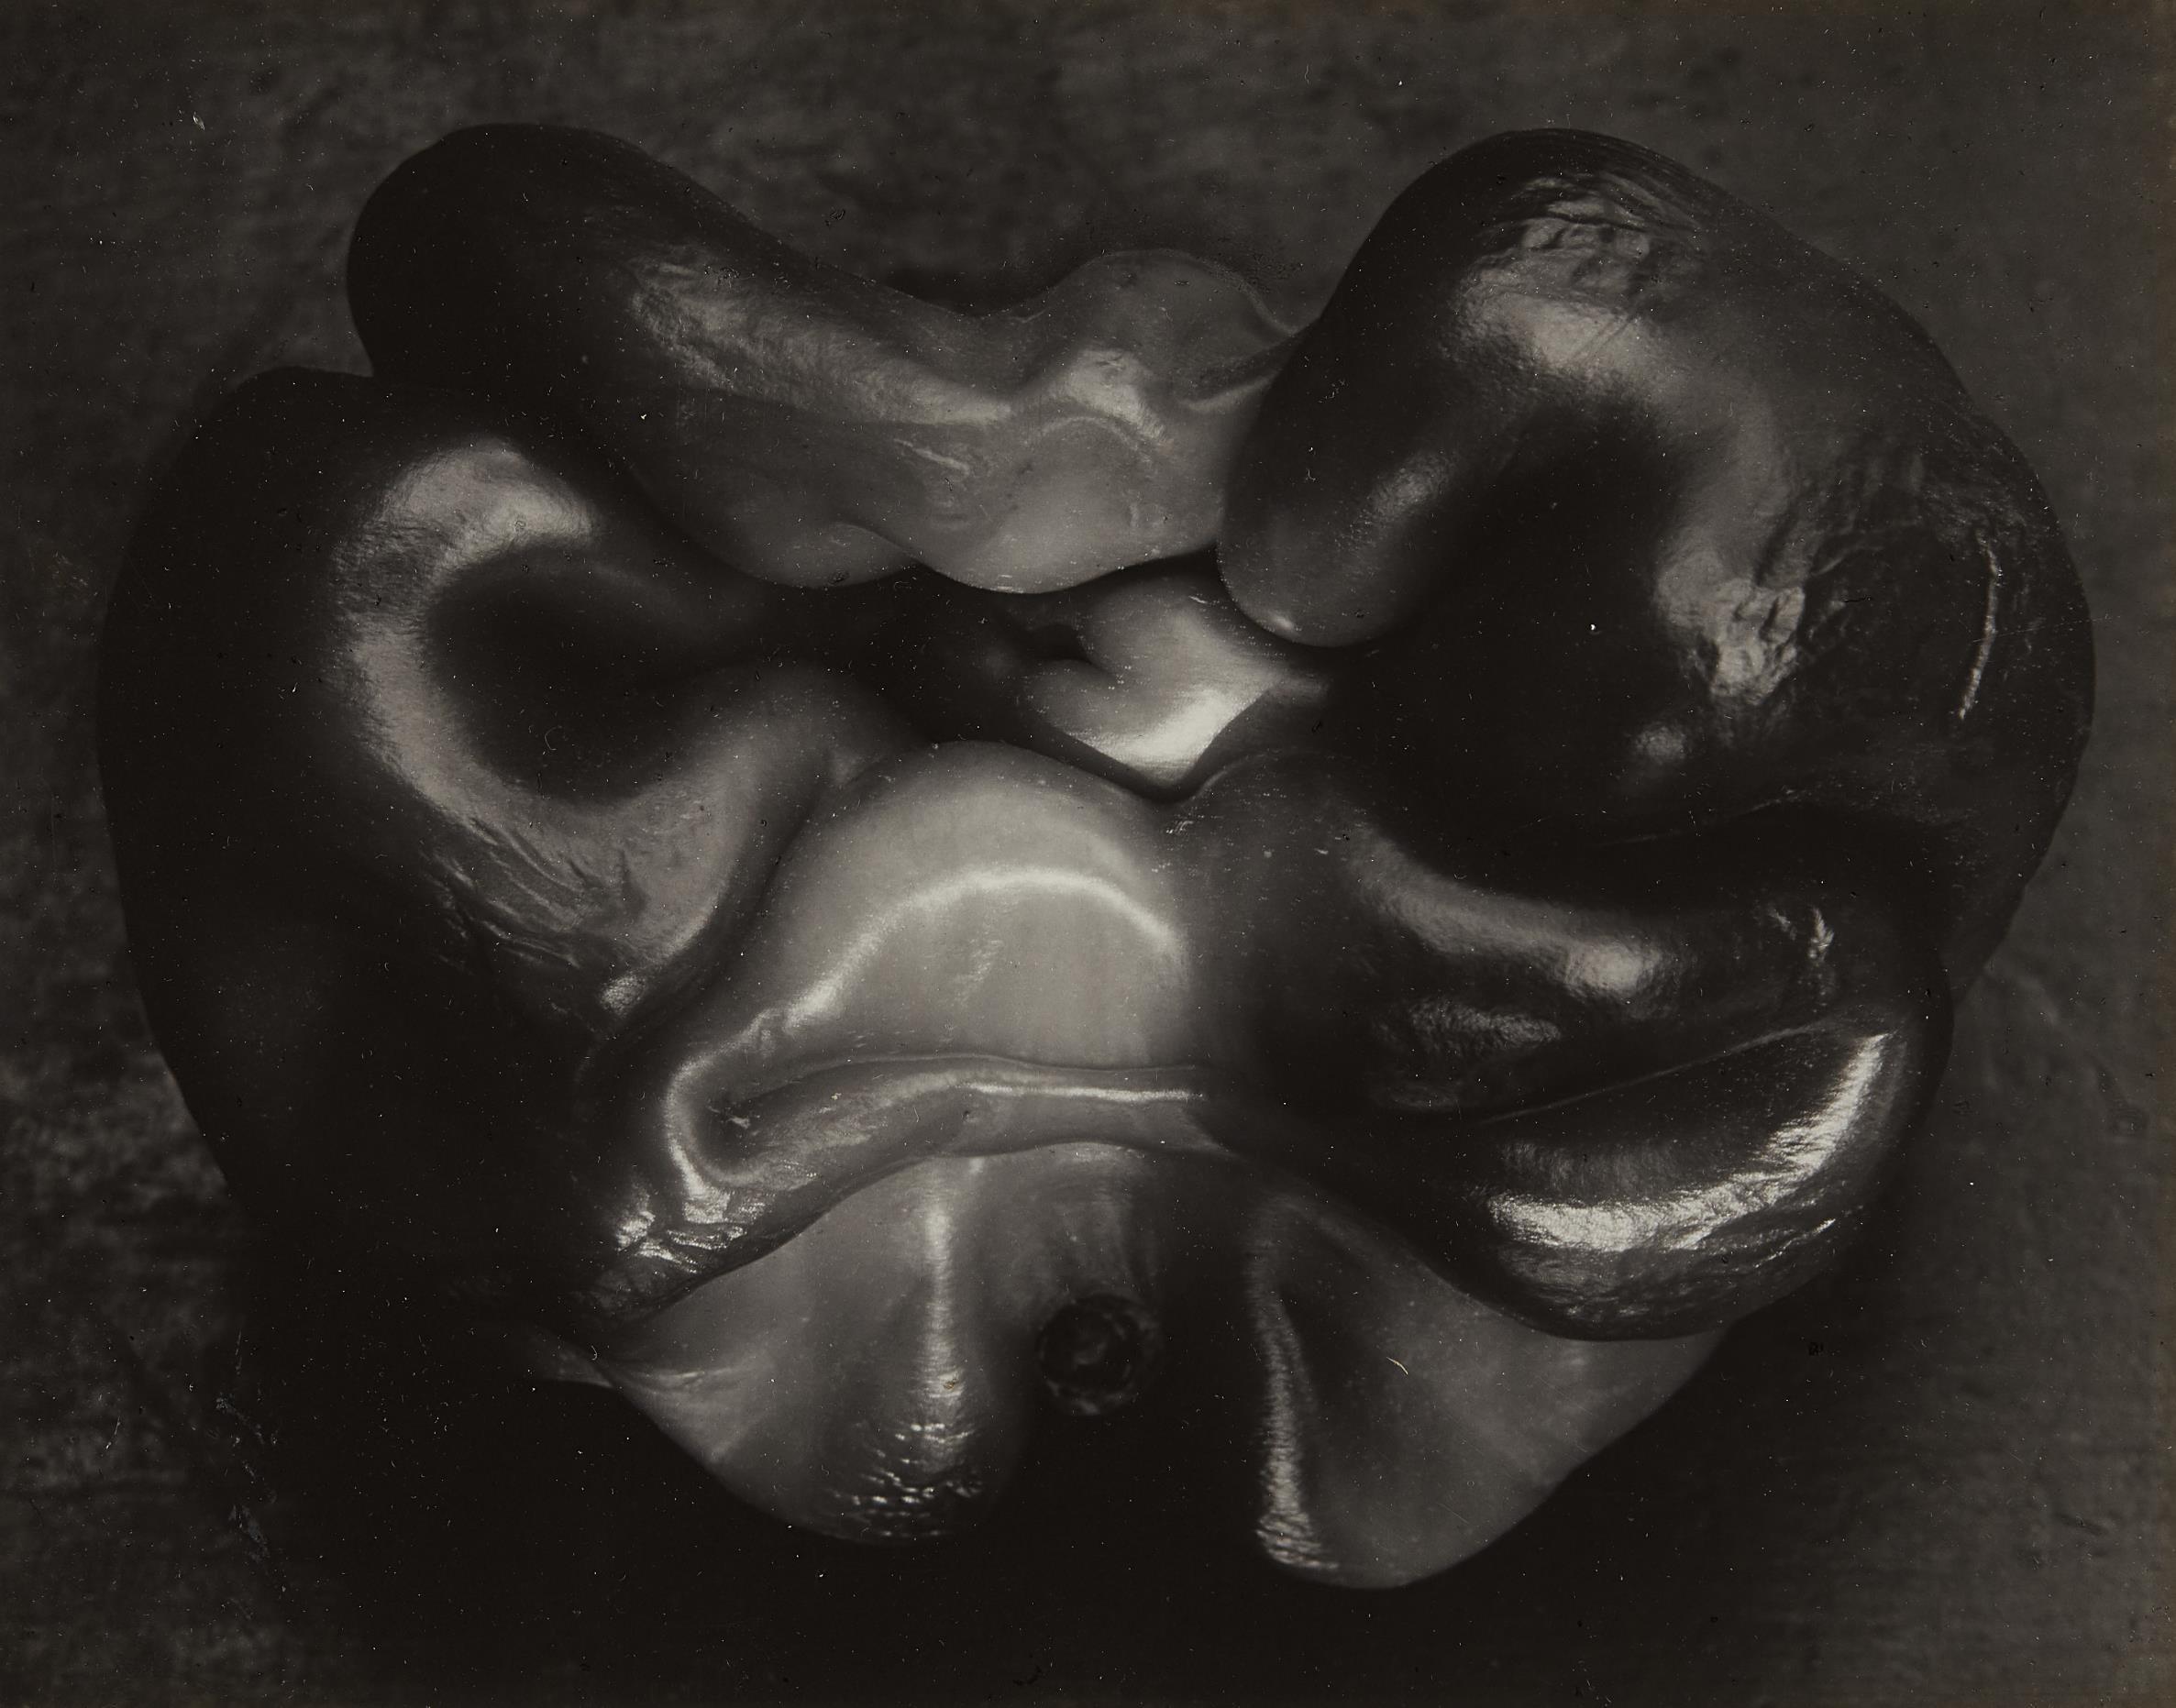 Edward Weston-Pepper-1930